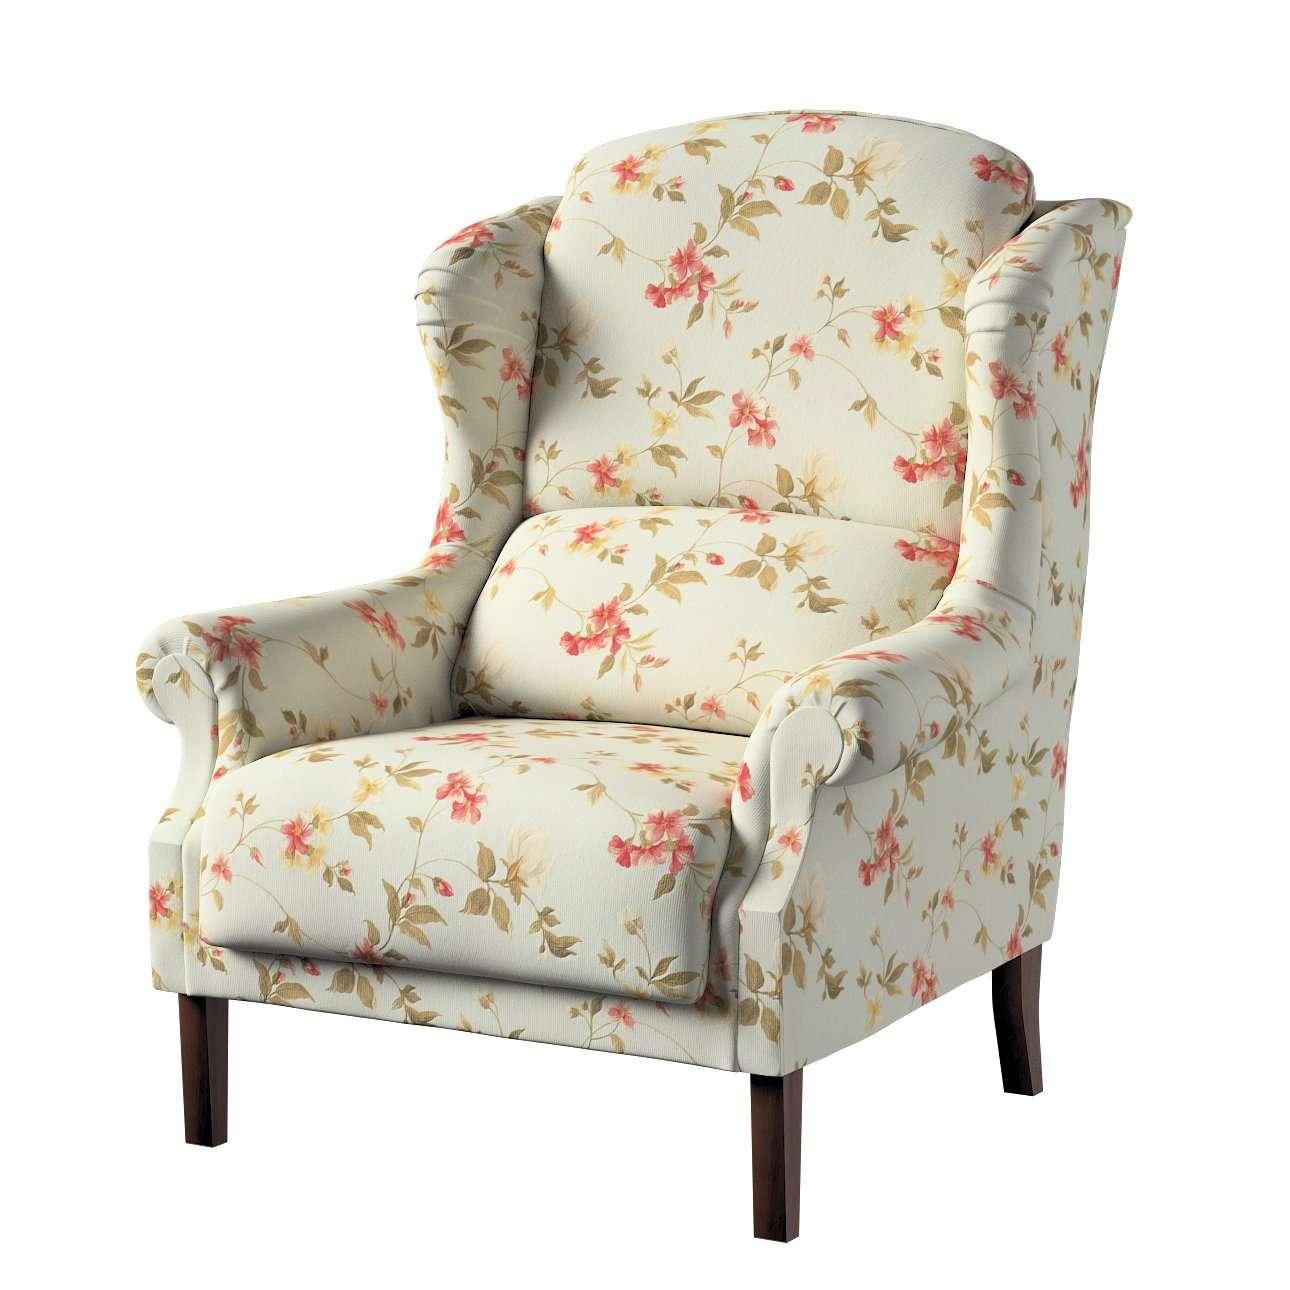 Sessel 63 x 115 cm von der Kollektion Londres, Stoff: 124-65